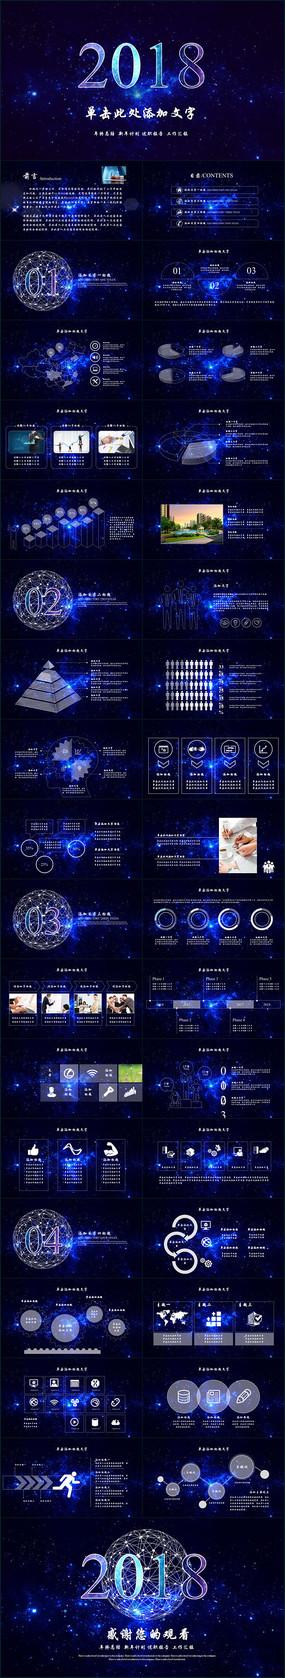 2017创意商务蓝色通用模板